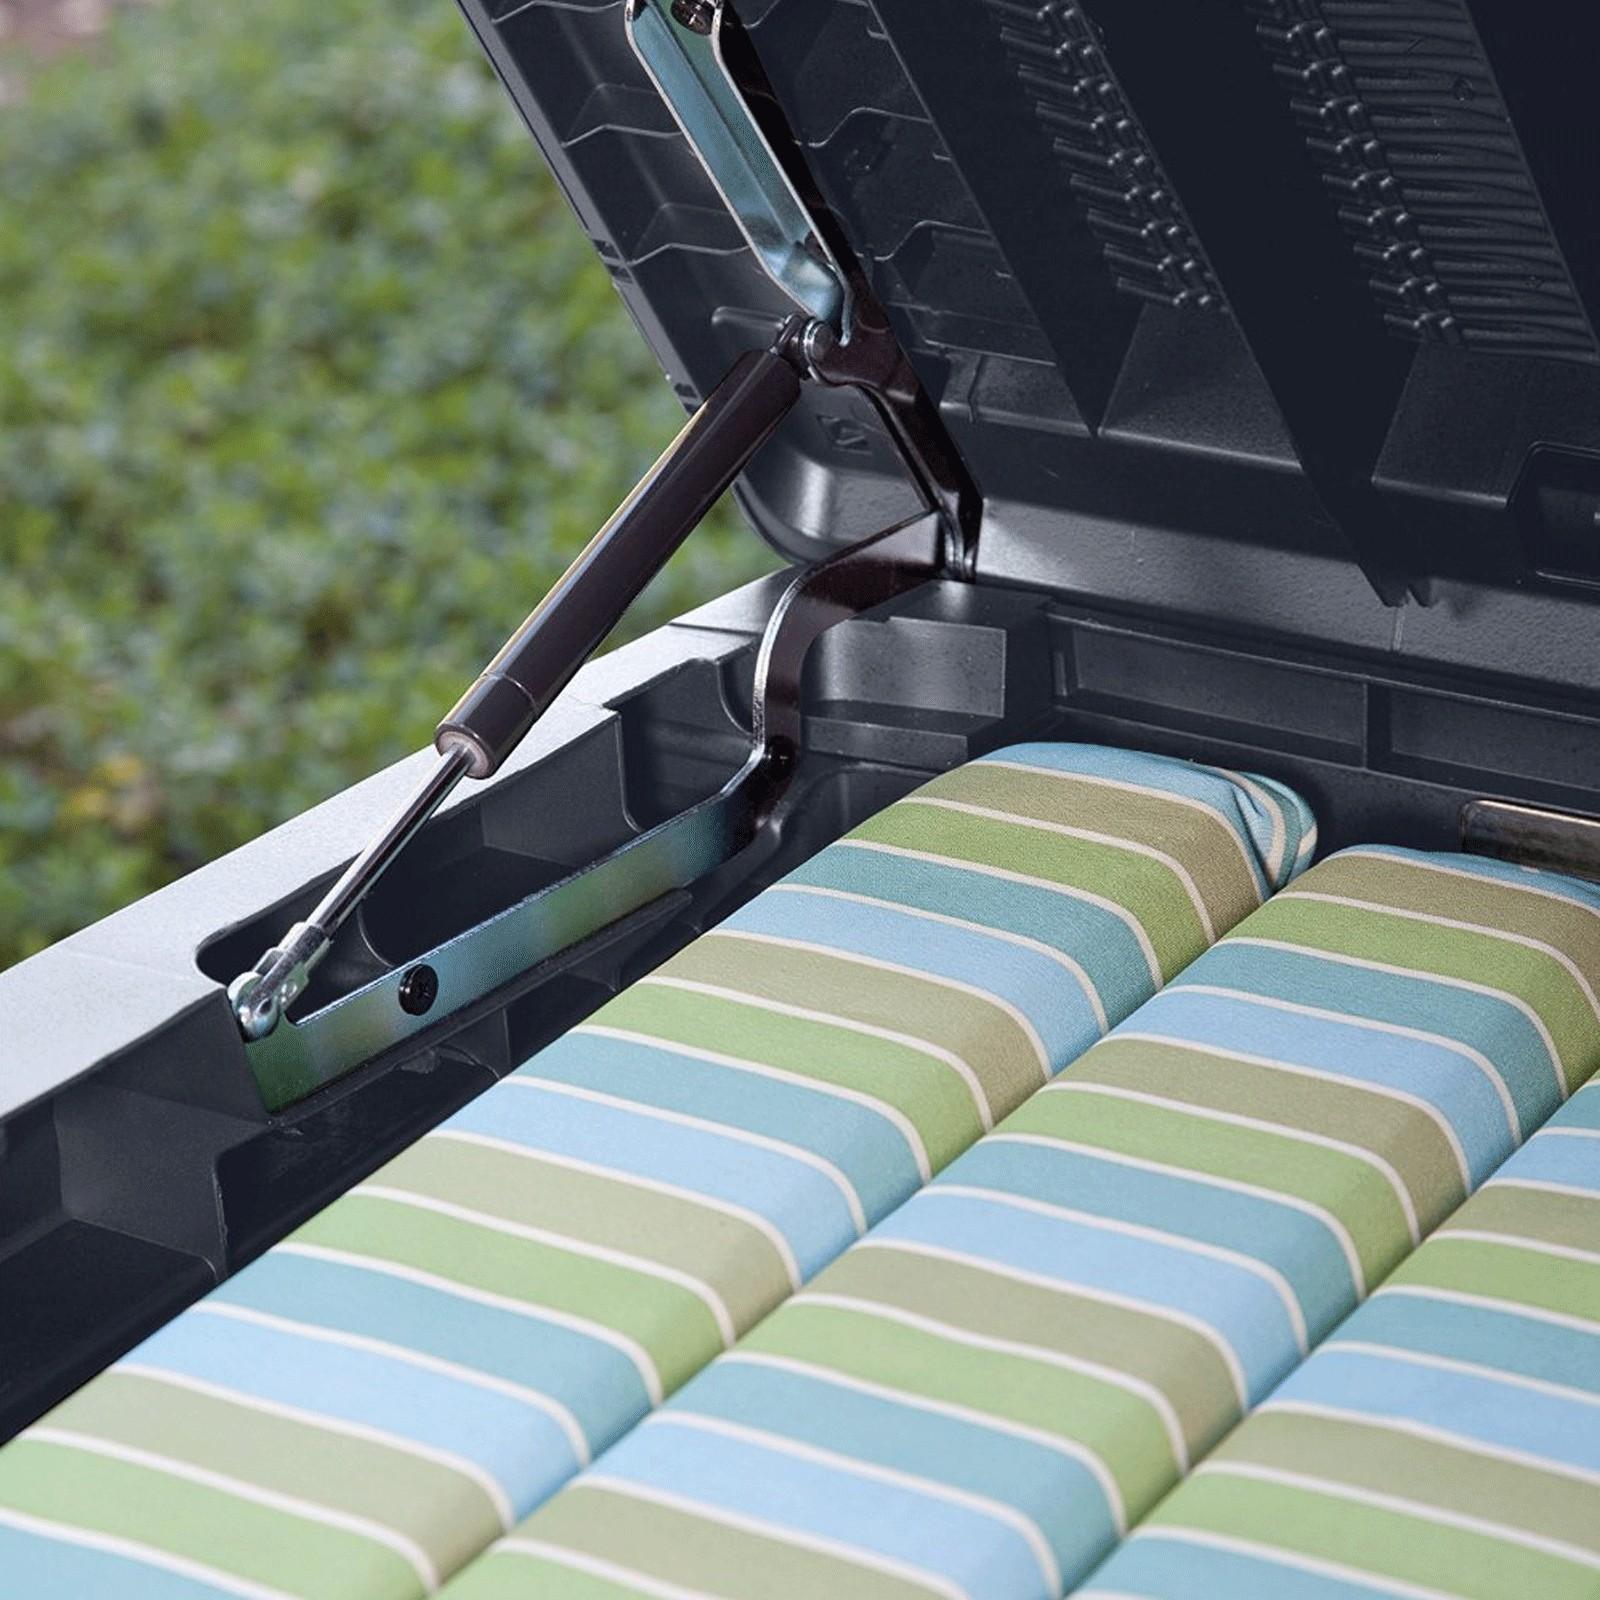 keter garten box sitzbank aufbewahrungsbox kissenbox auflagenbox sumatra 511l ebay. Black Bedroom Furniture Sets. Home Design Ideas